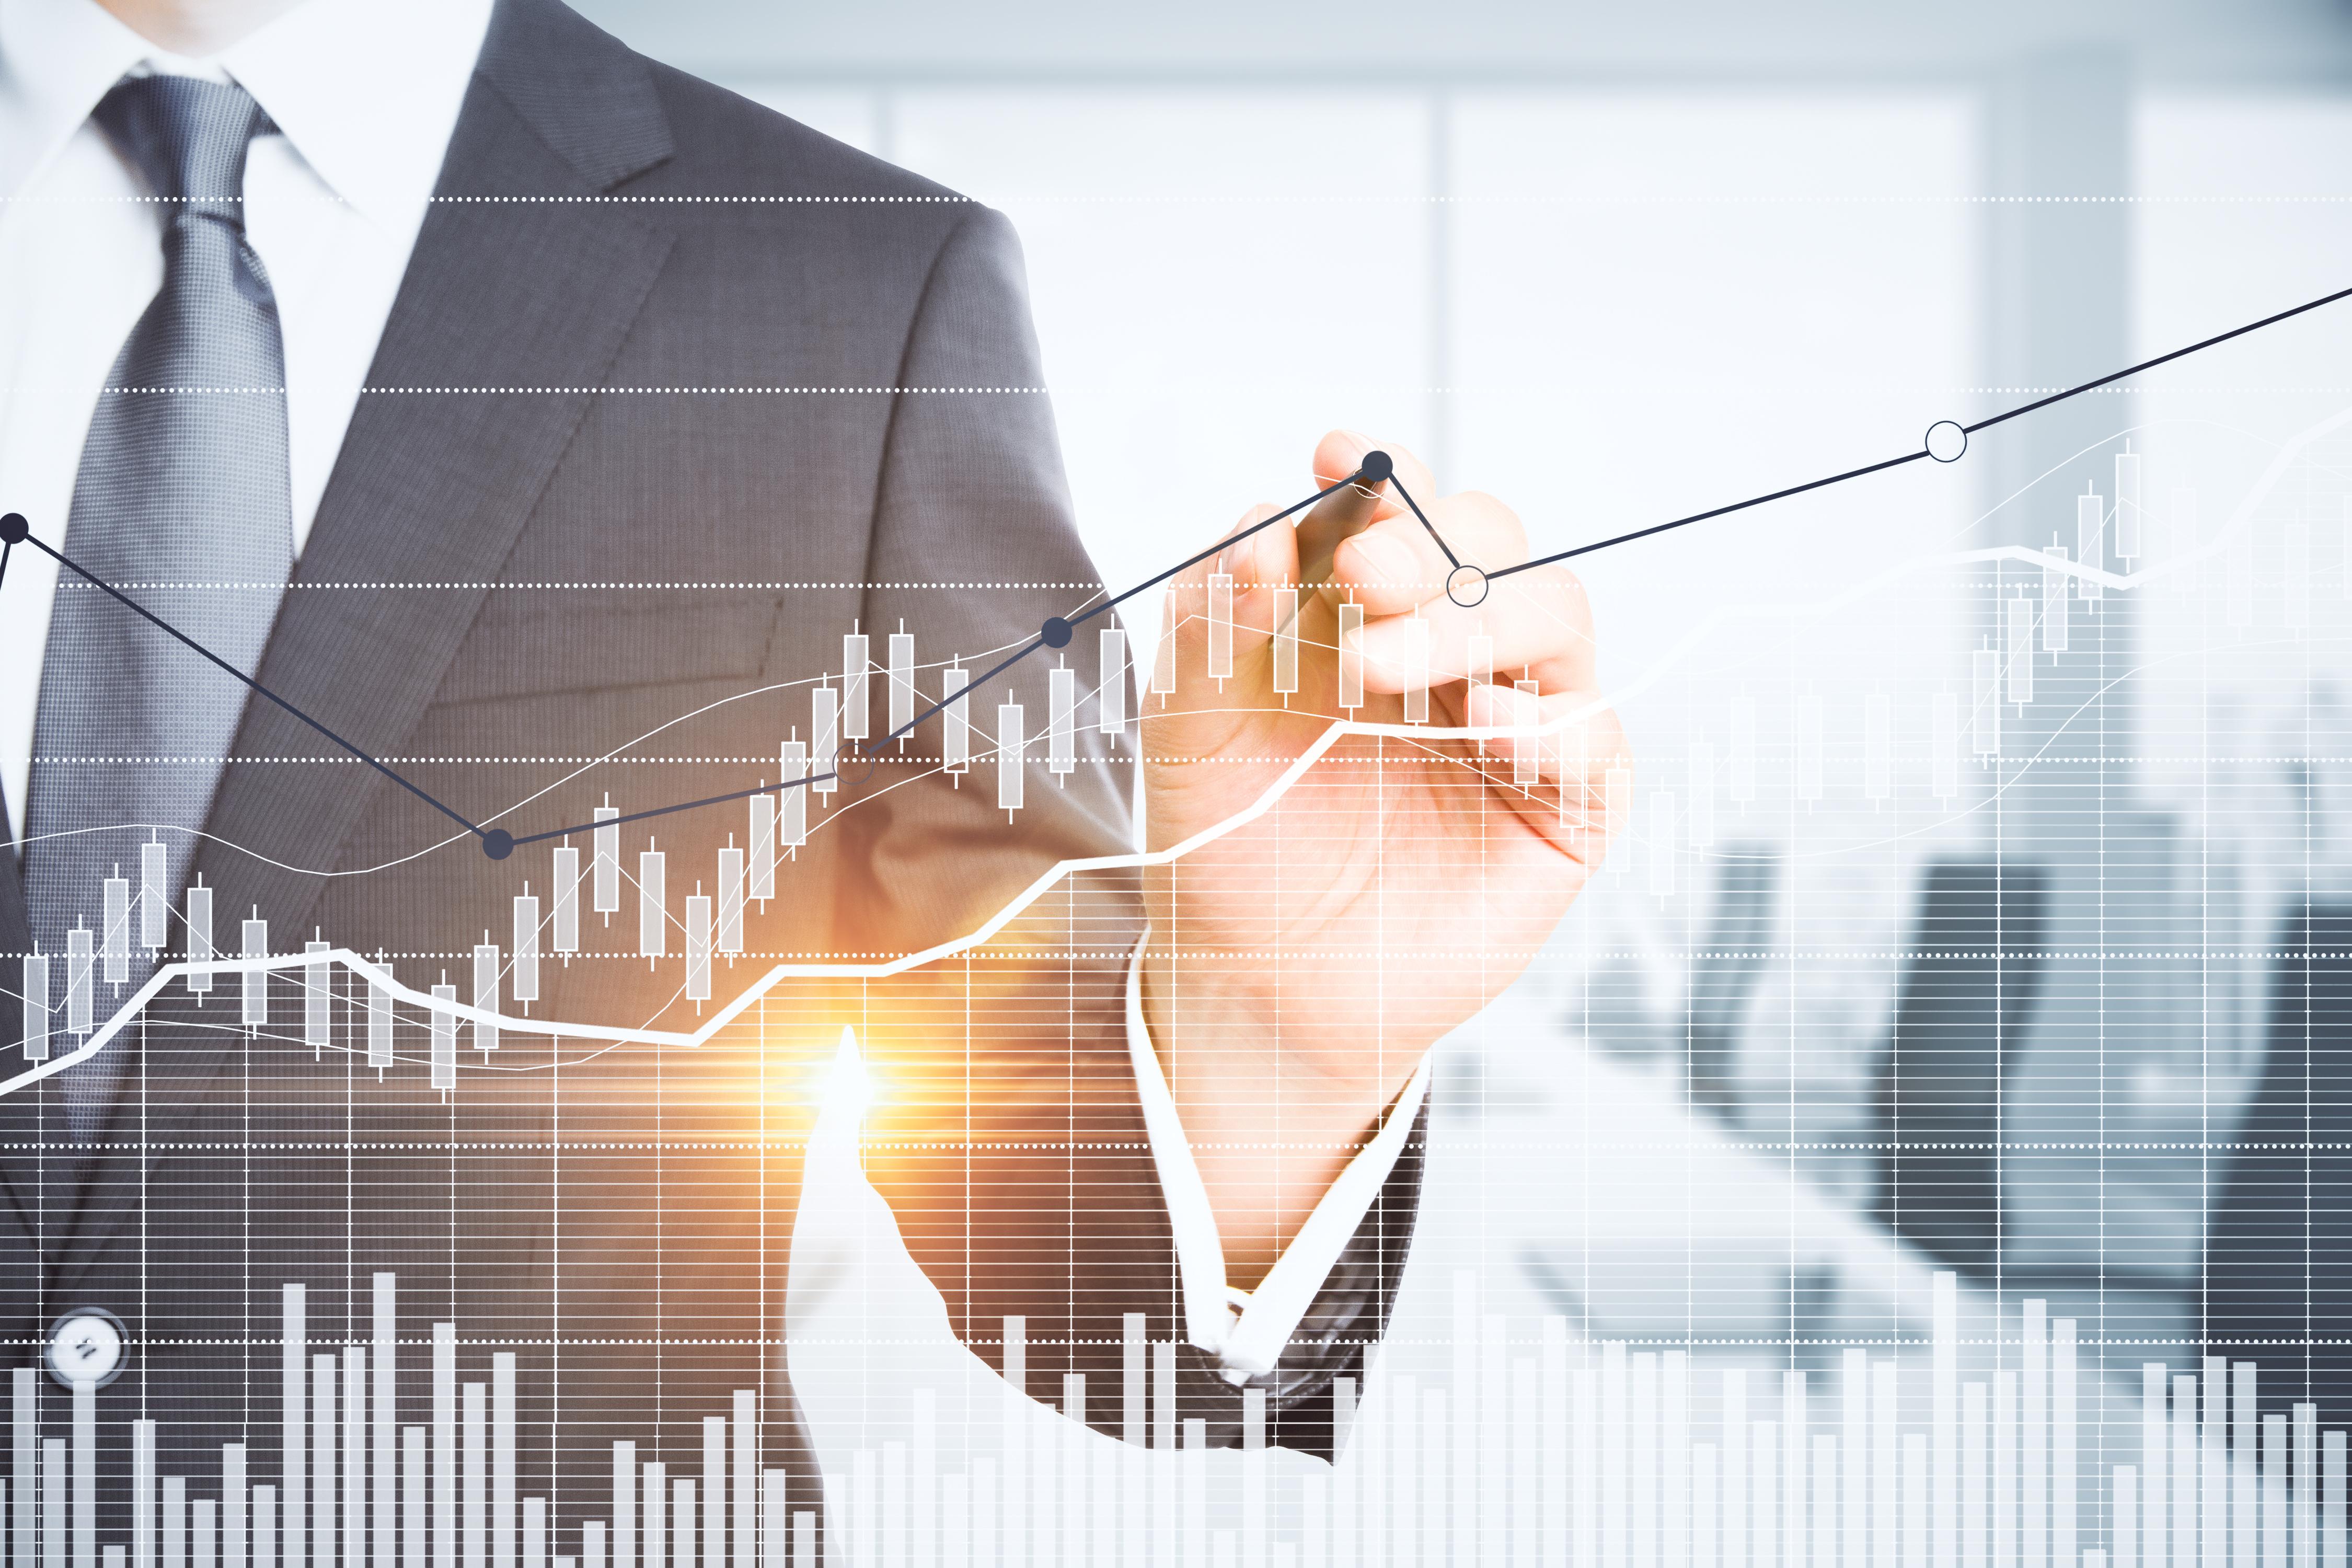 Gestão orçamentária, financeira e fiscal: três processos inseparáveis em qualquer empresa